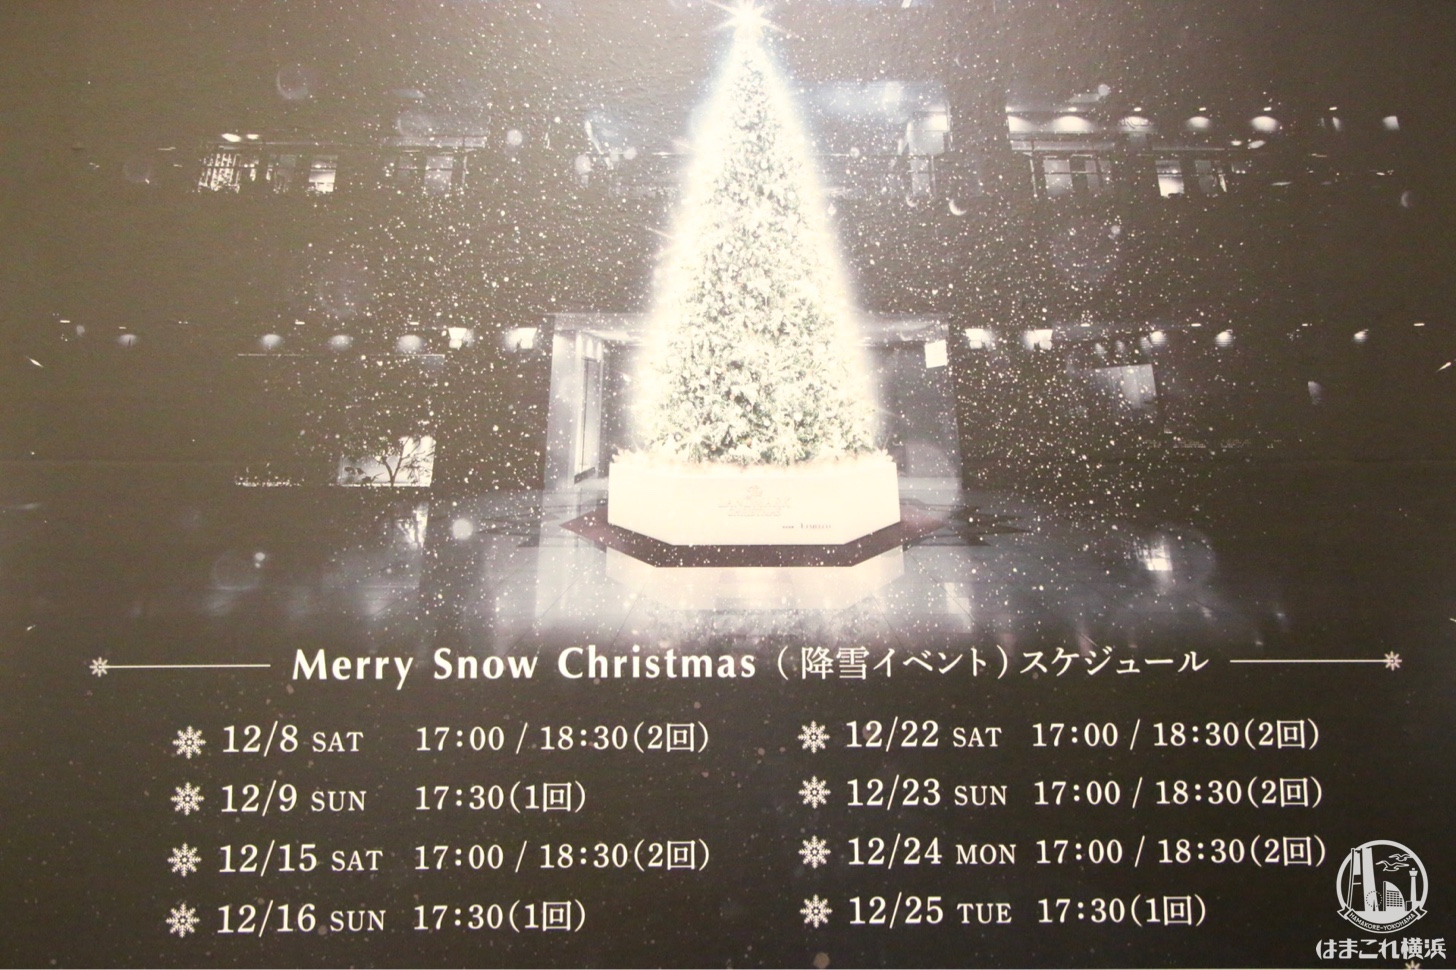 ランドマークプラザ  クリスマスツリー 降雪イベント